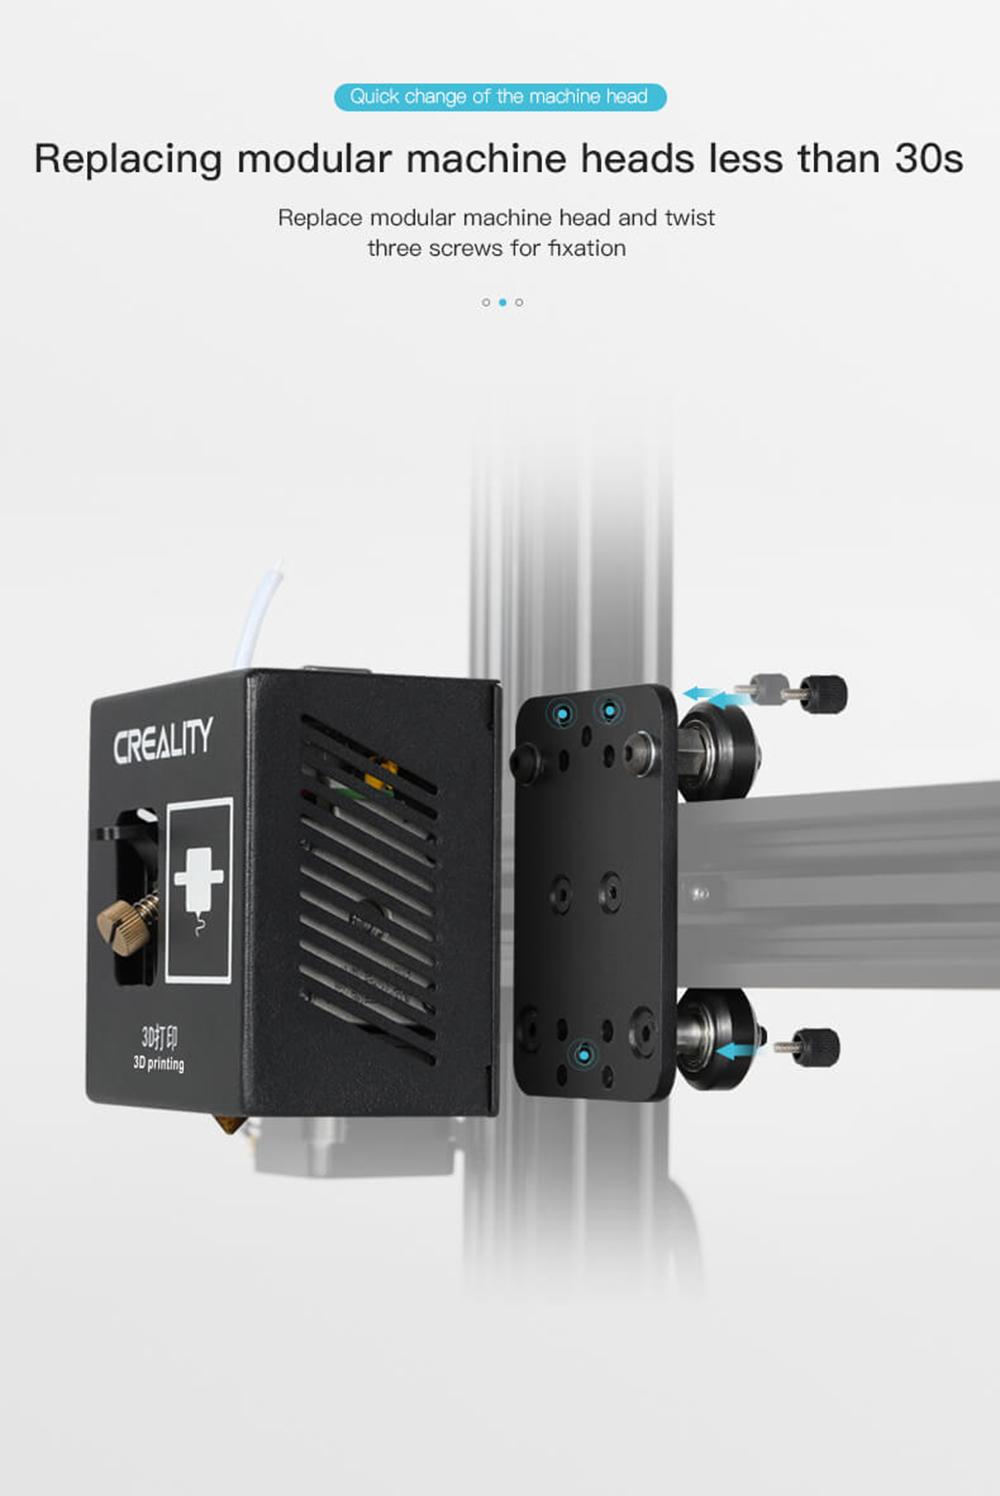 Creality3D CP-01 Multitool 3D-Drucker Bausatz - 200x200x200mm - Modulare Arbeitsköpfe in weniger als 30 Sekunden wechseln